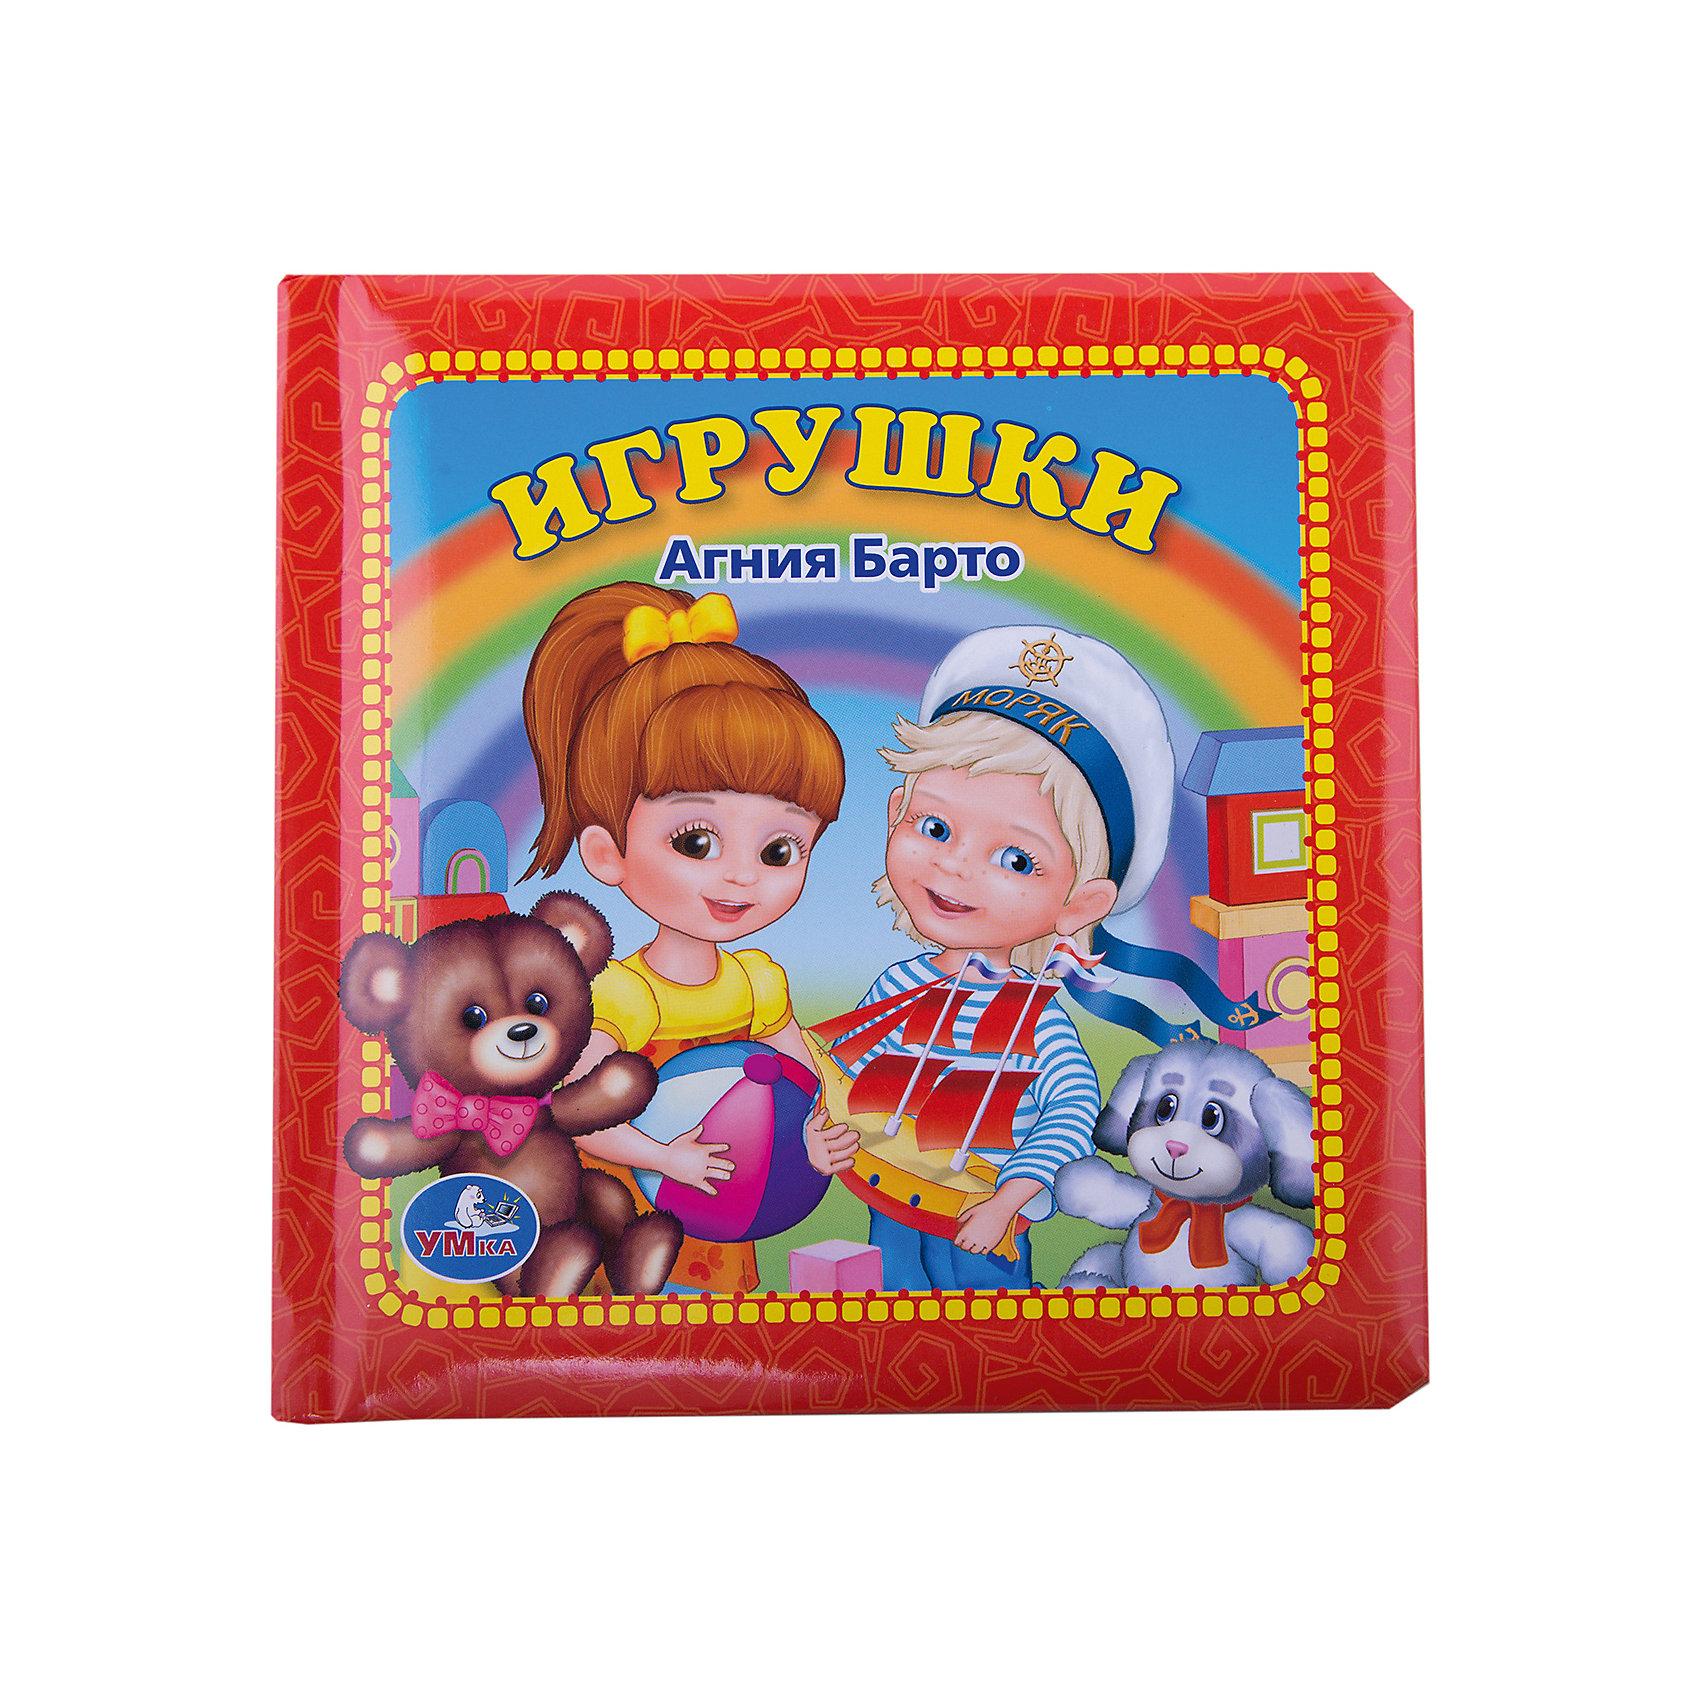 Книга в пухлой обложке Агния БартоКнига с любимыми и всеми известными детскими стихами обязательно понравится детям. Издание оформлено яркими иллюстрациями, которые обязательно заинтересуют малышей. Книга имеет плотные страницы, которые будет удобно переворачивать даже самым юным читателям. <br><br>Дополнительная информация:<br><br>- Автор: А. Барто.<br>- Формат: 16,5х16,5 см.<br>- Переплет: твердый.<br>- Количество страниц: 16.<br>- Иллюстрации: цветные. <br><br>Книгу в пухлой обложке Агния Барто можно купить в нашем магазине.<br><br>Ширина мм: 170<br>Глубина мм: 170<br>Высота мм: 20<br>Вес г: 310<br>Возраст от месяцев: 12<br>Возраст до месяцев: 48<br>Пол: Унисекс<br>Возраст: Детский<br>SKU: 4444318